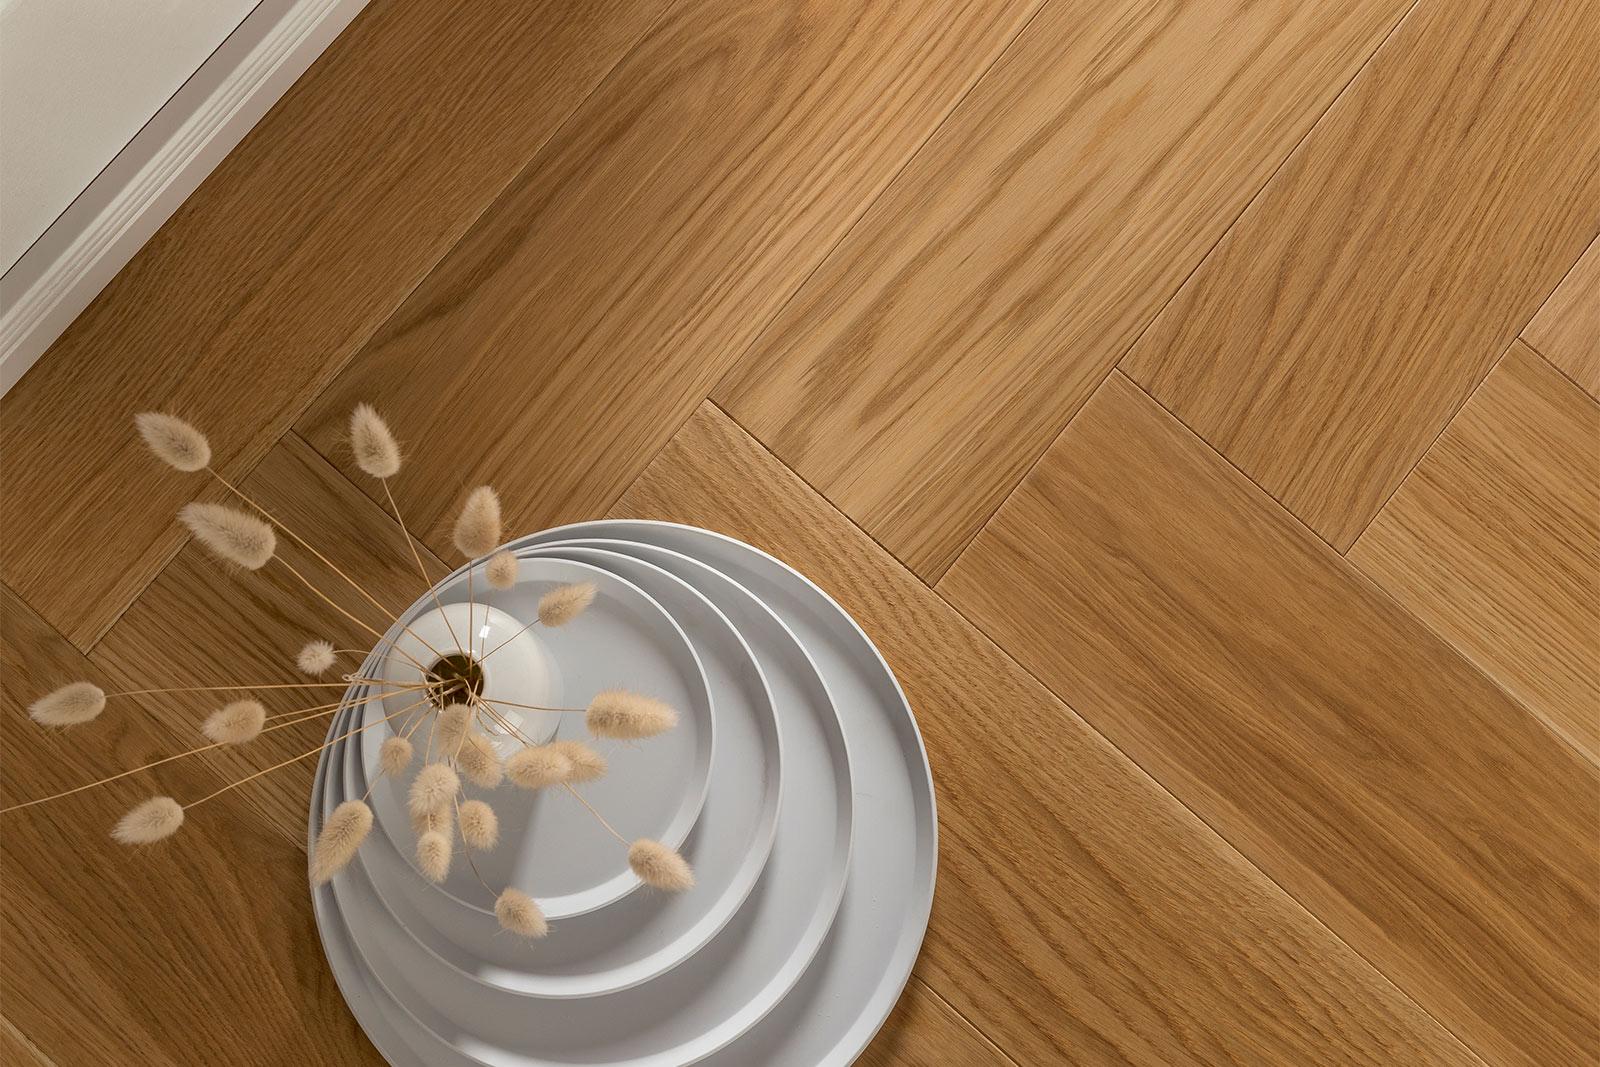 Vyberte si novú drevenú podlahu